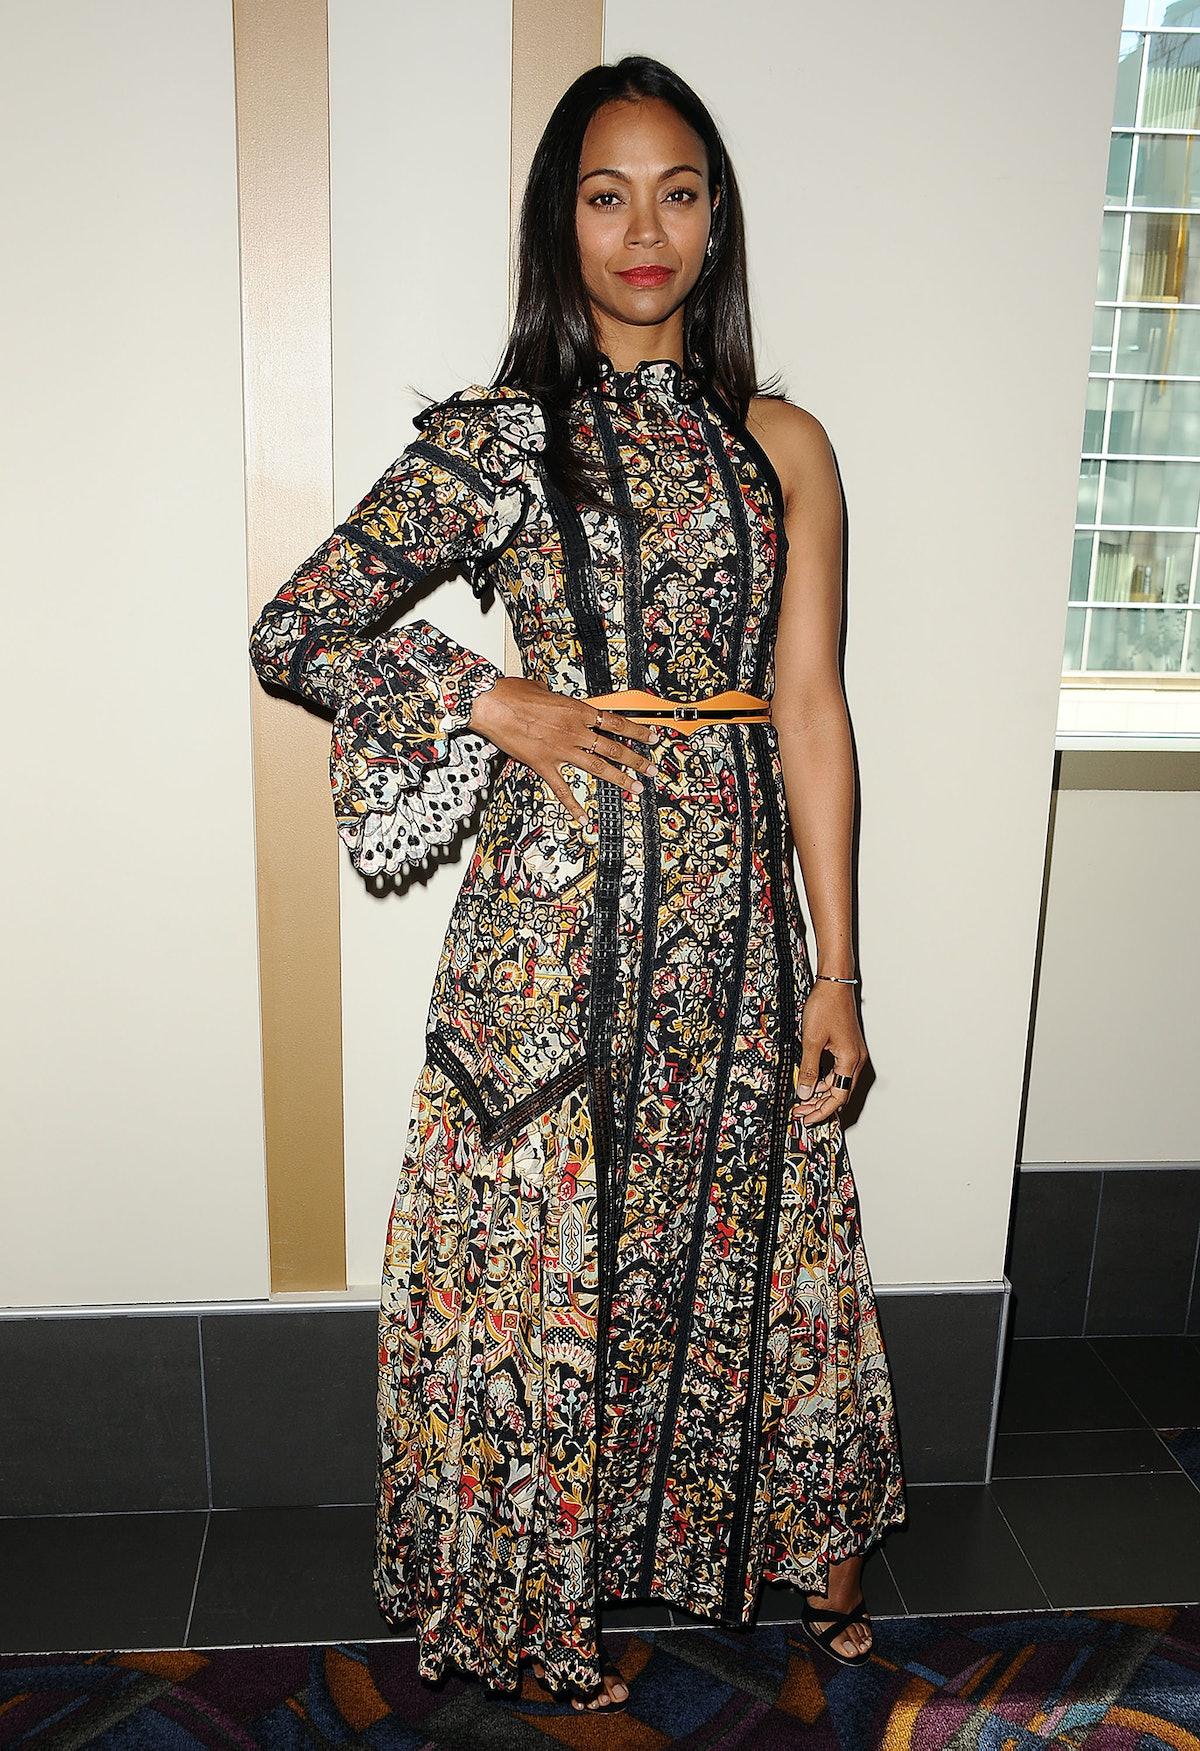 Zoe Saldana in Louis Vuitton